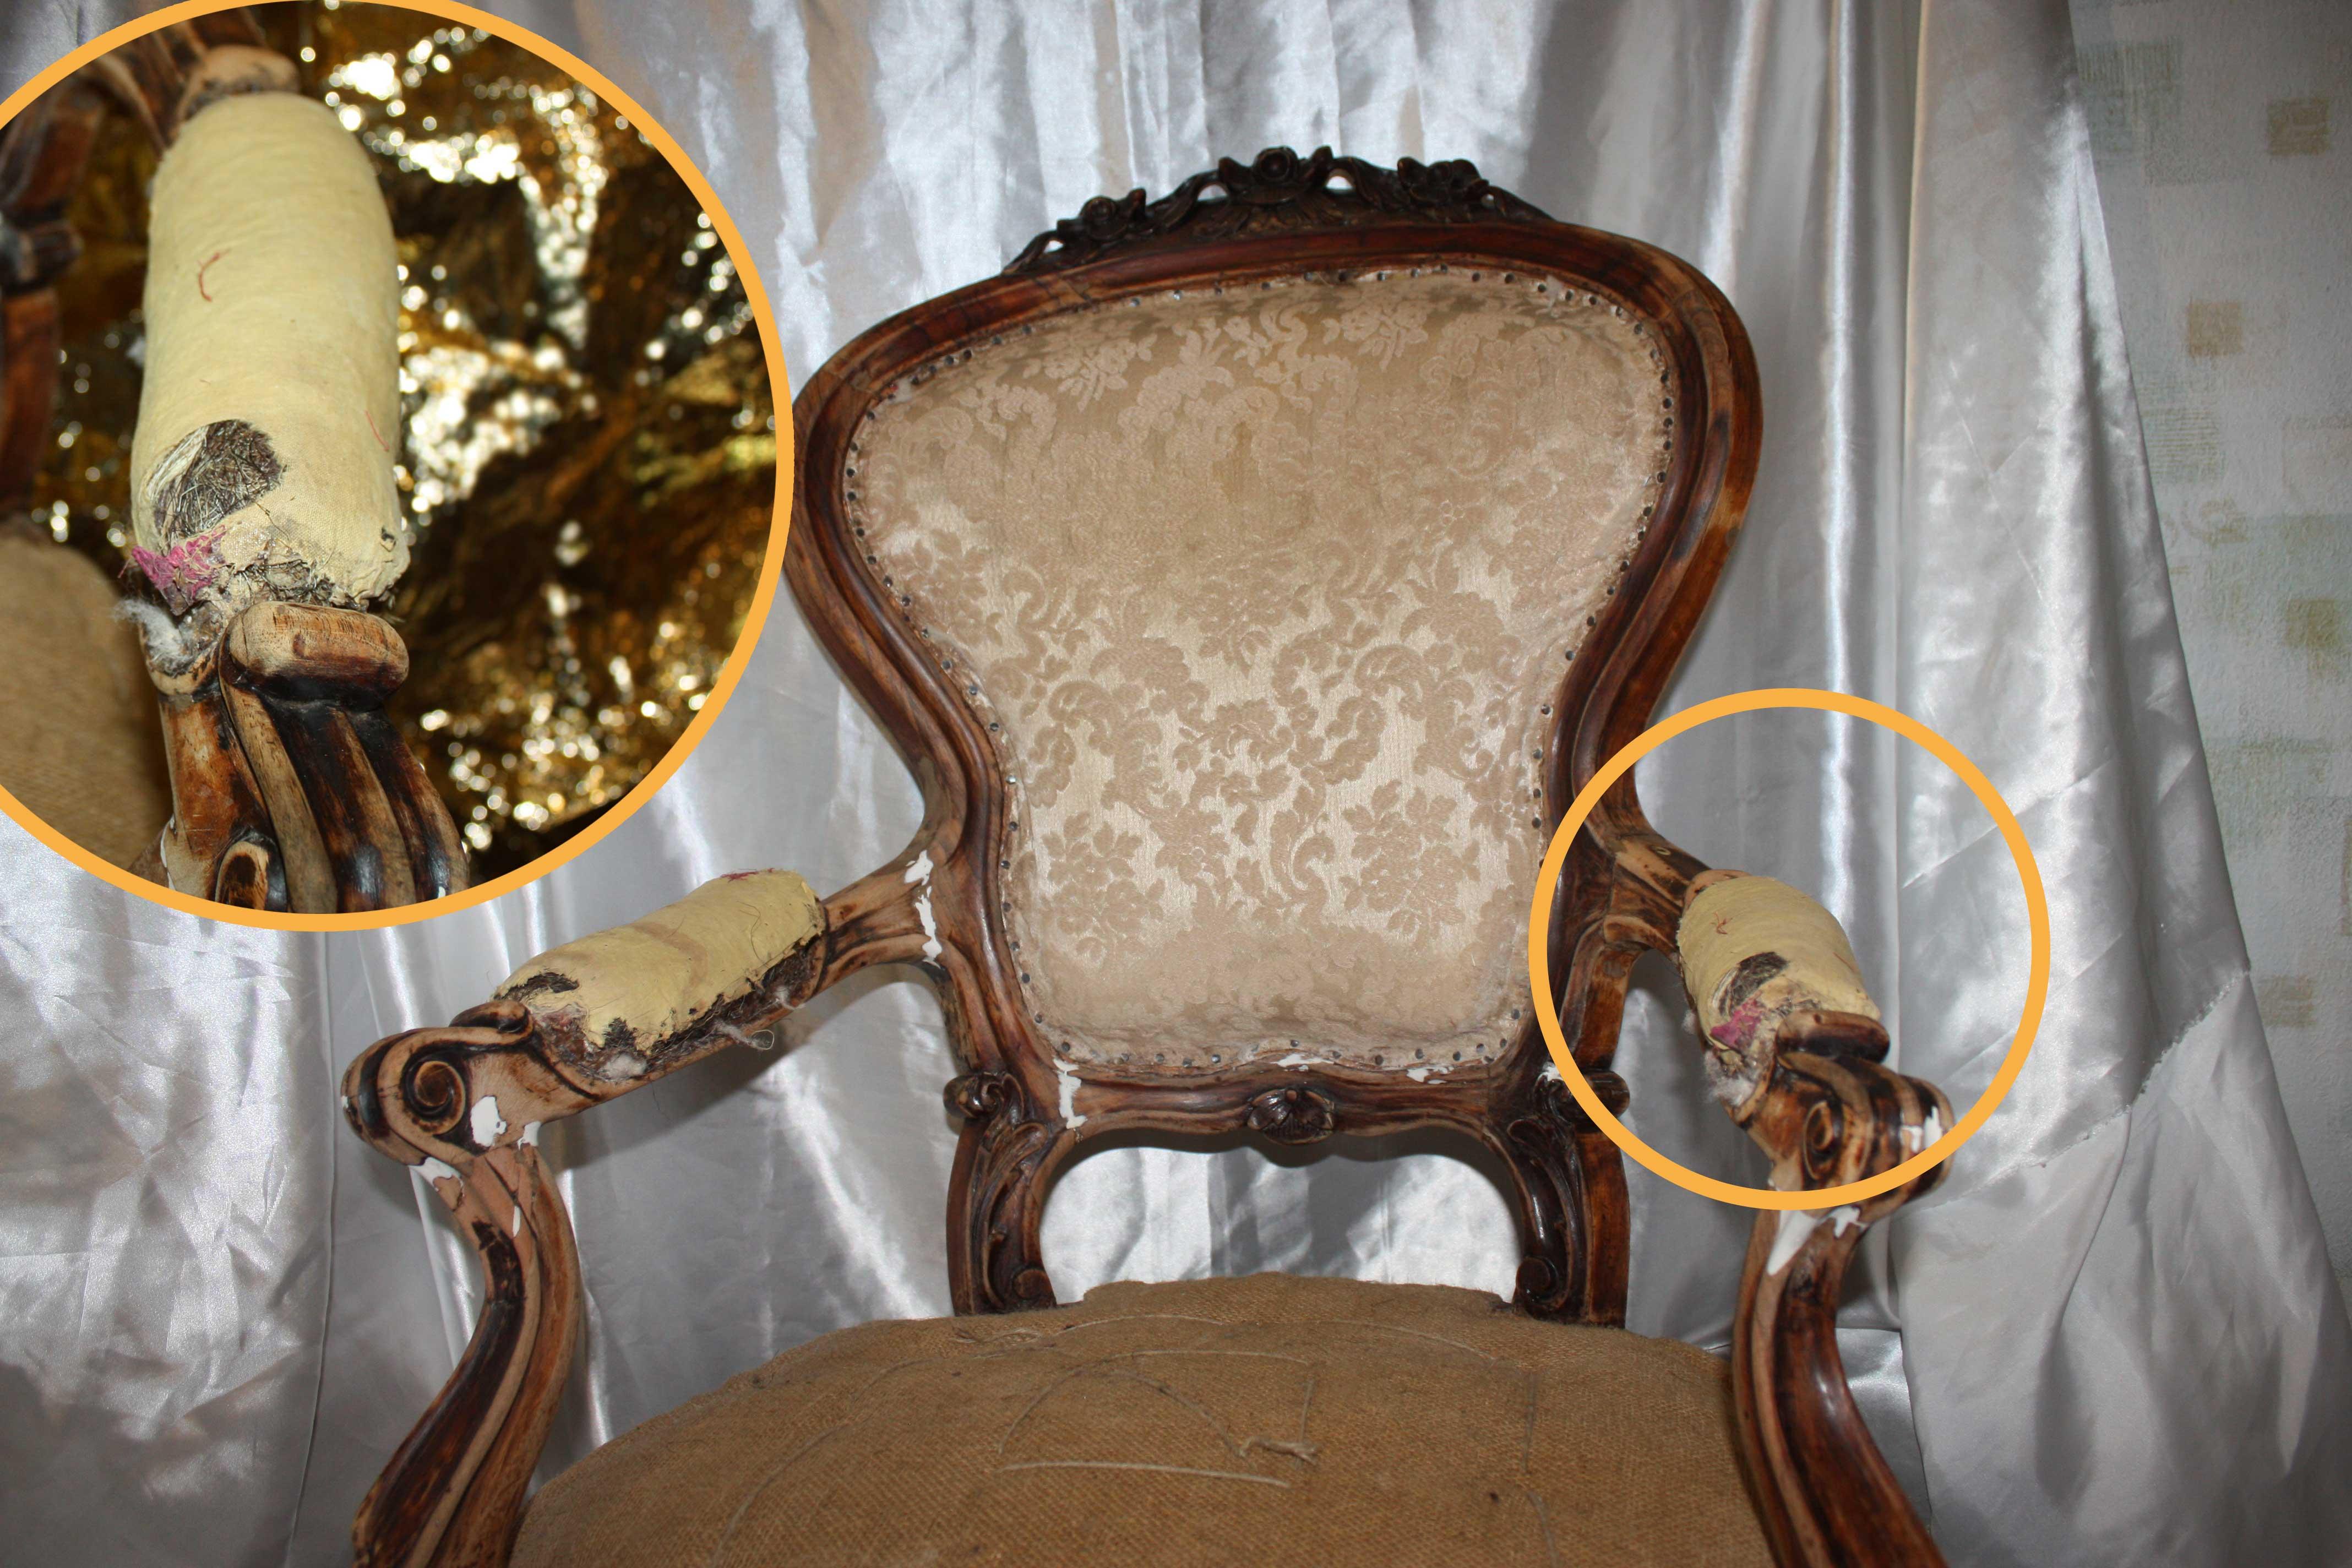 Стул-кресло до реставрации, старинный итальянский, планируется перетяжка и ремонтулья с перетяжкой и ремонтом в реставрационной мастерской RESTORER.EXPERT в Москве